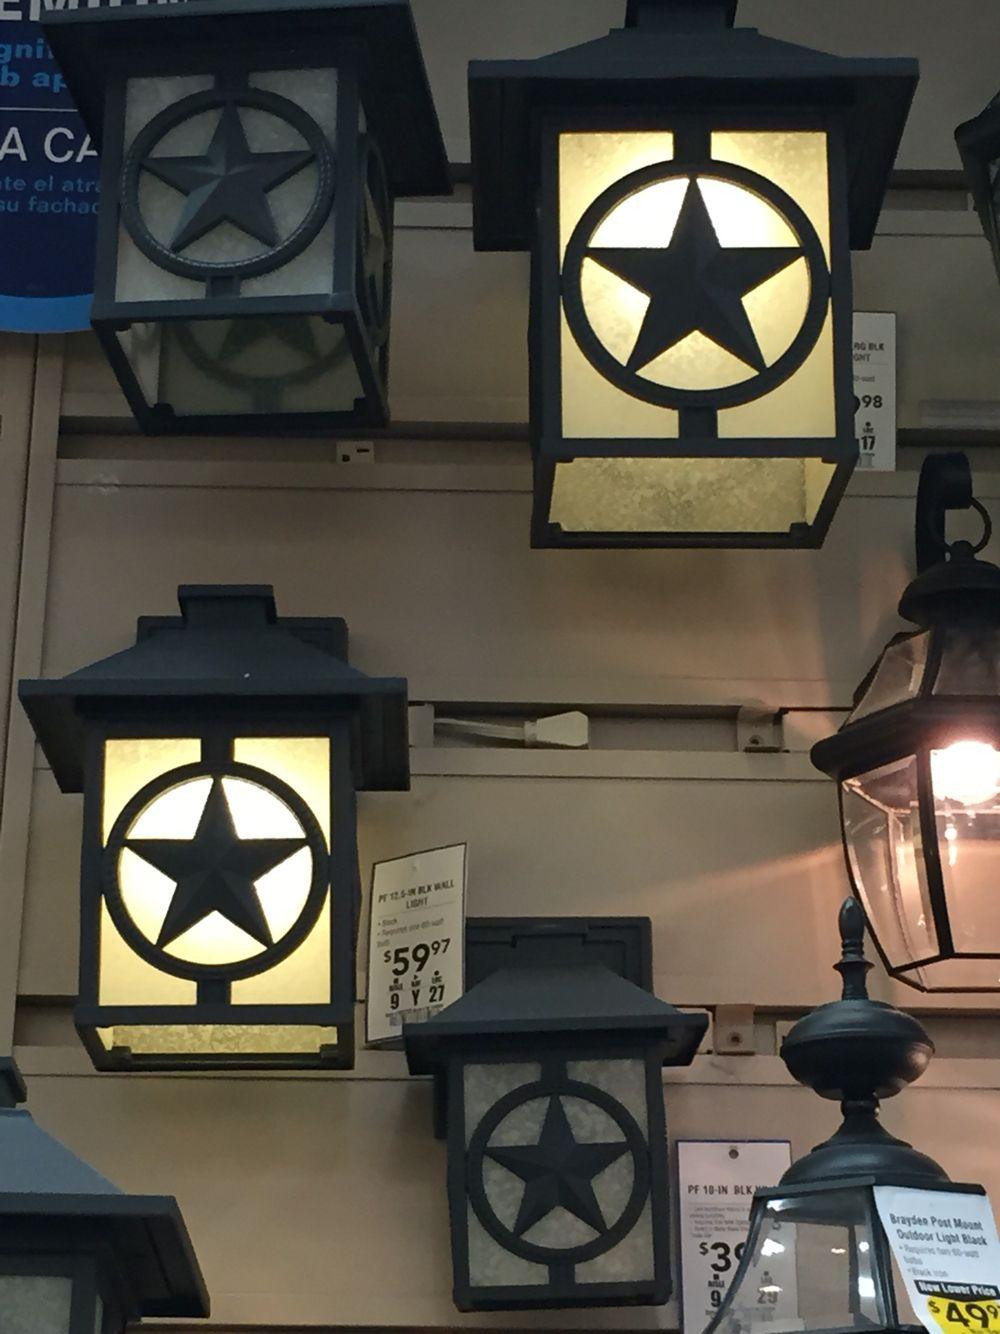 Lone Star Outdoor Light Fixtures Outdoor Light Fixtures Light Fixtures Outdoor Lighting